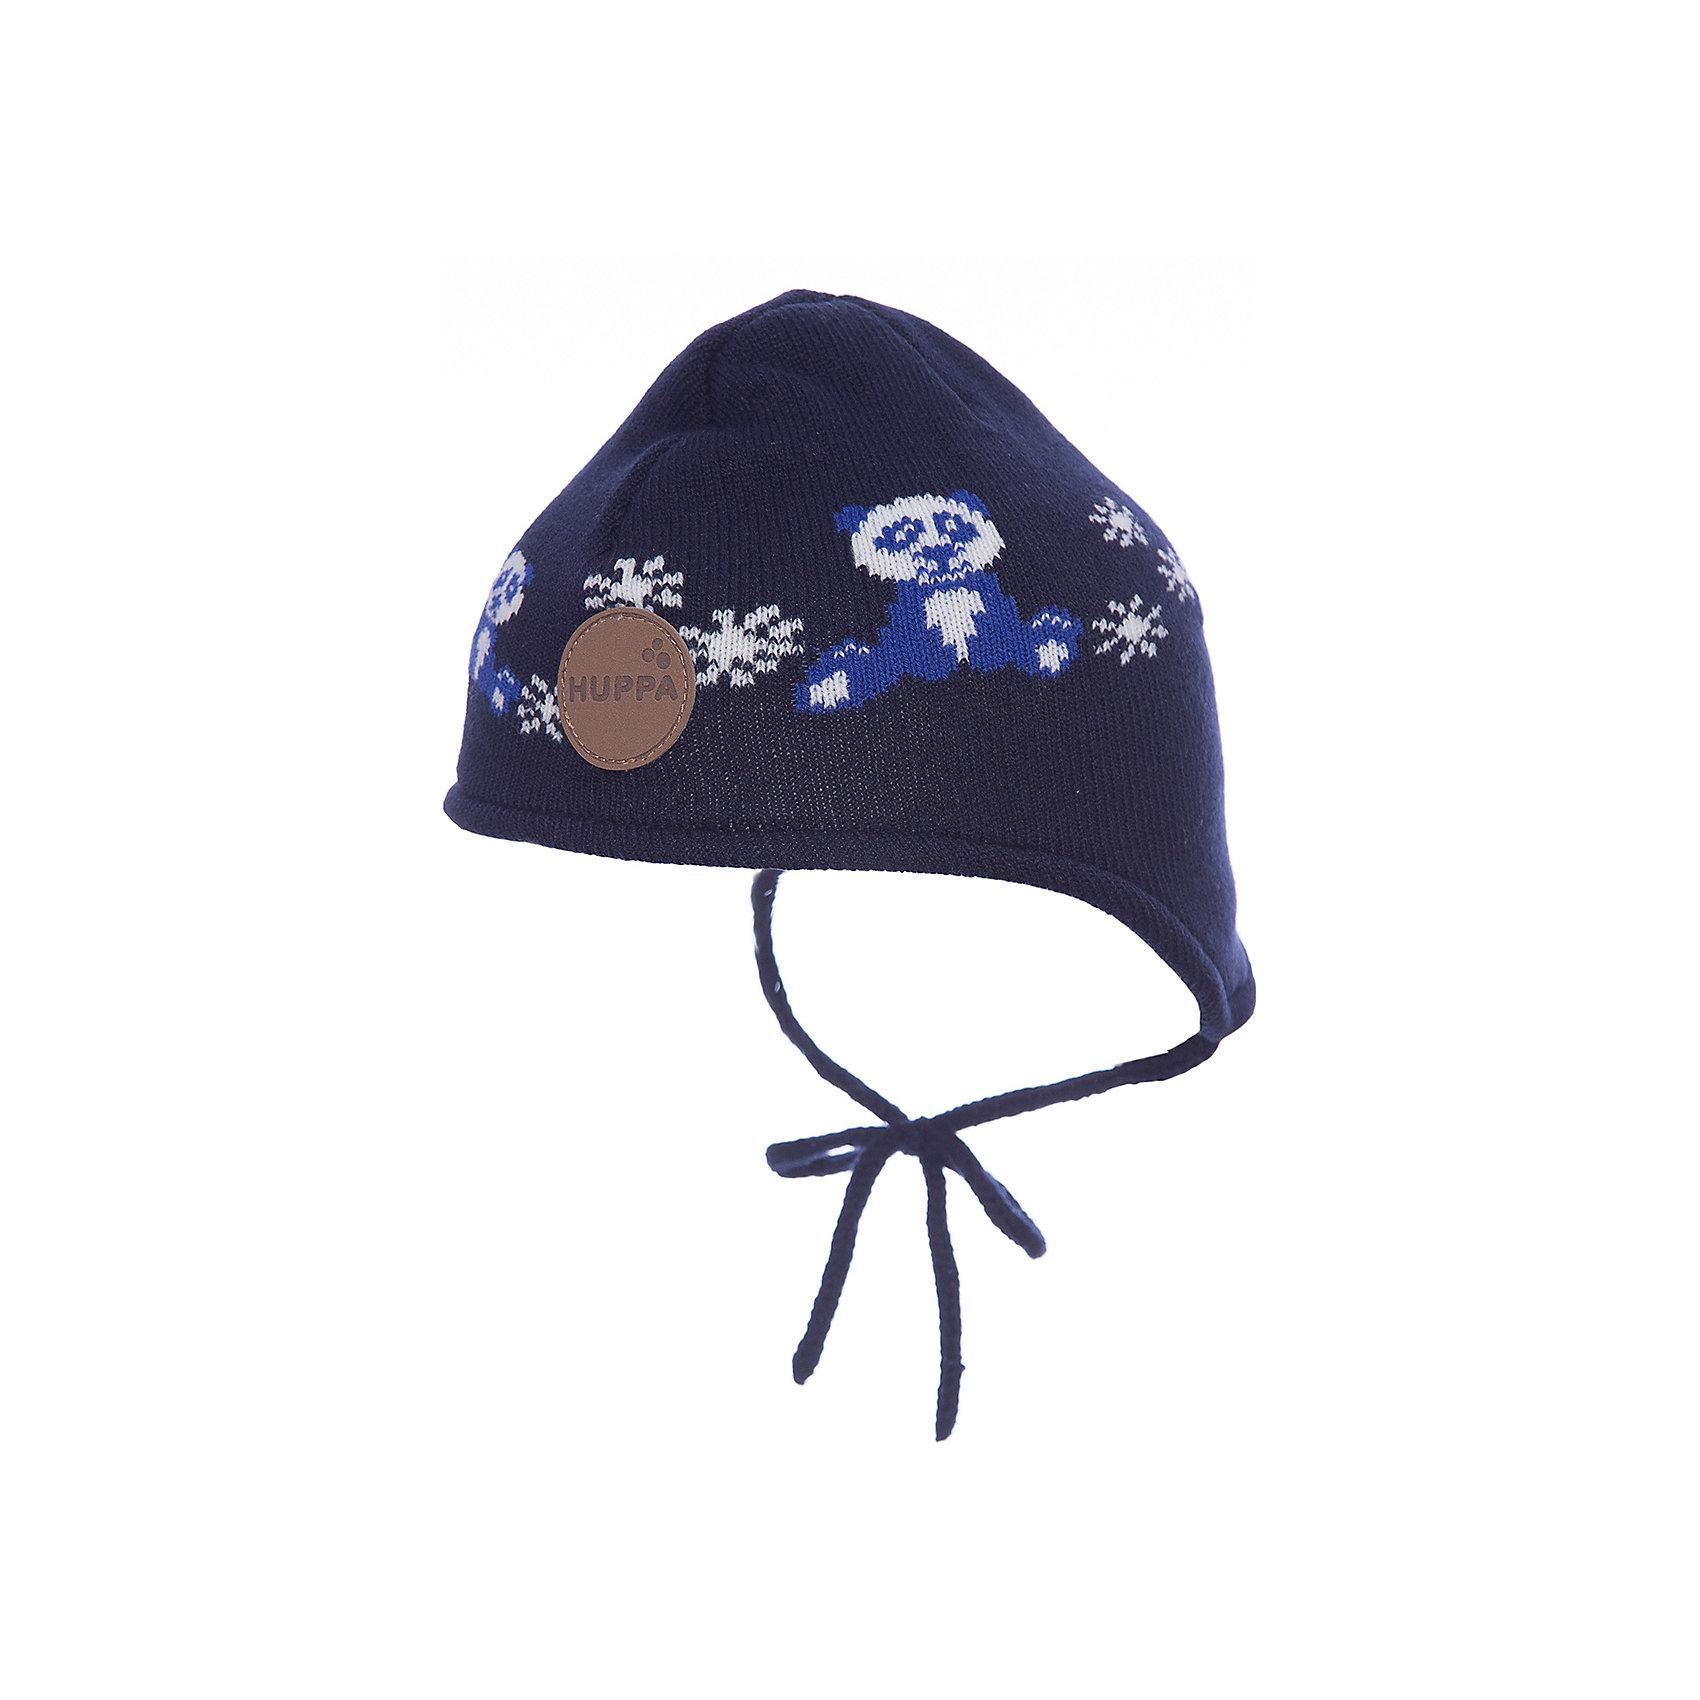 Шапка KARRO 1 HuppaГоловные уборы<br>Вязаная детская шапка KARRO 1.Утеплитель 40 гр. Теплая вязанная шапочка ,прекрассно подойдет для повседневных прогулок в холодную погоду.<br>Состав:<br>100% акрил<br><br>Ширина мм: 89<br>Глубина мм: 117<br>Высота мм: 44<br>Вес г: 155<br>Цвет: синий<br>Возраст от месяцев: 3<br>Возраст до месяцев: 12<br>Пол: Унисекс<br>Возраст: Детский<br>Размер: 43-45,51-53,47-49<br>SKU: 7029436